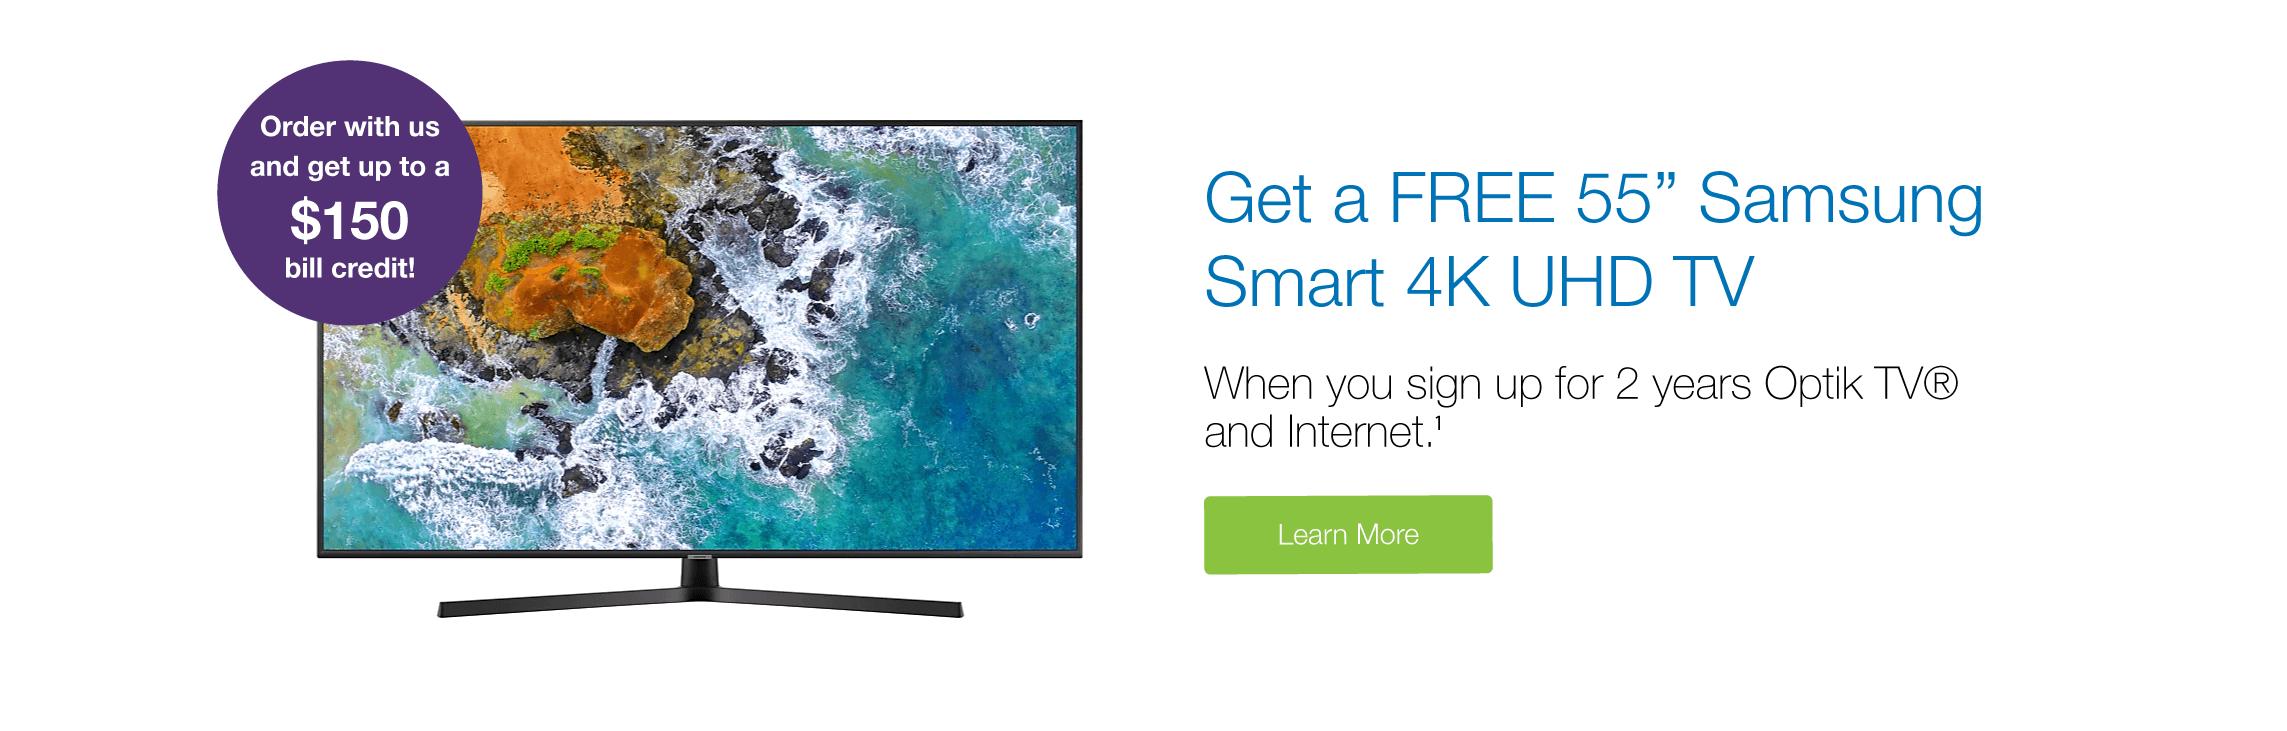 """Free 50"""" Smart TV with Optik TV"""